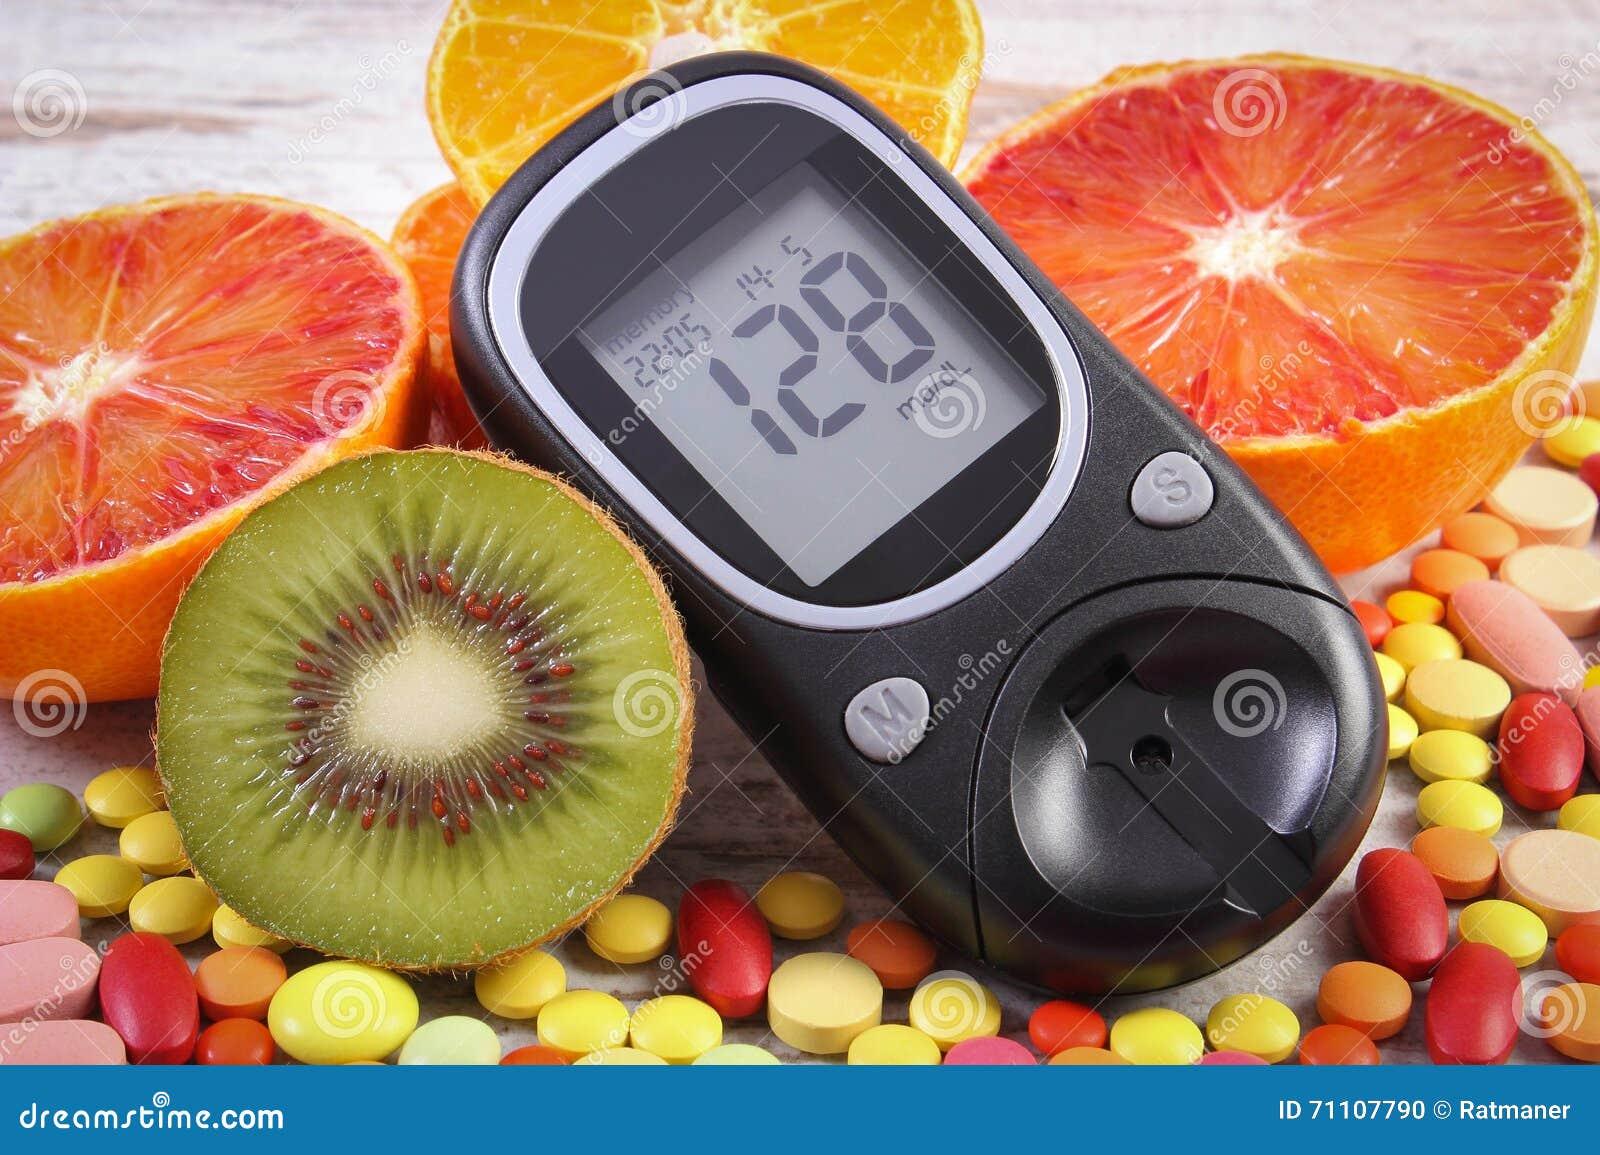 Spuntini Sani E Diabete : Metro del glucosio con il risultato frutti e pillole mediche